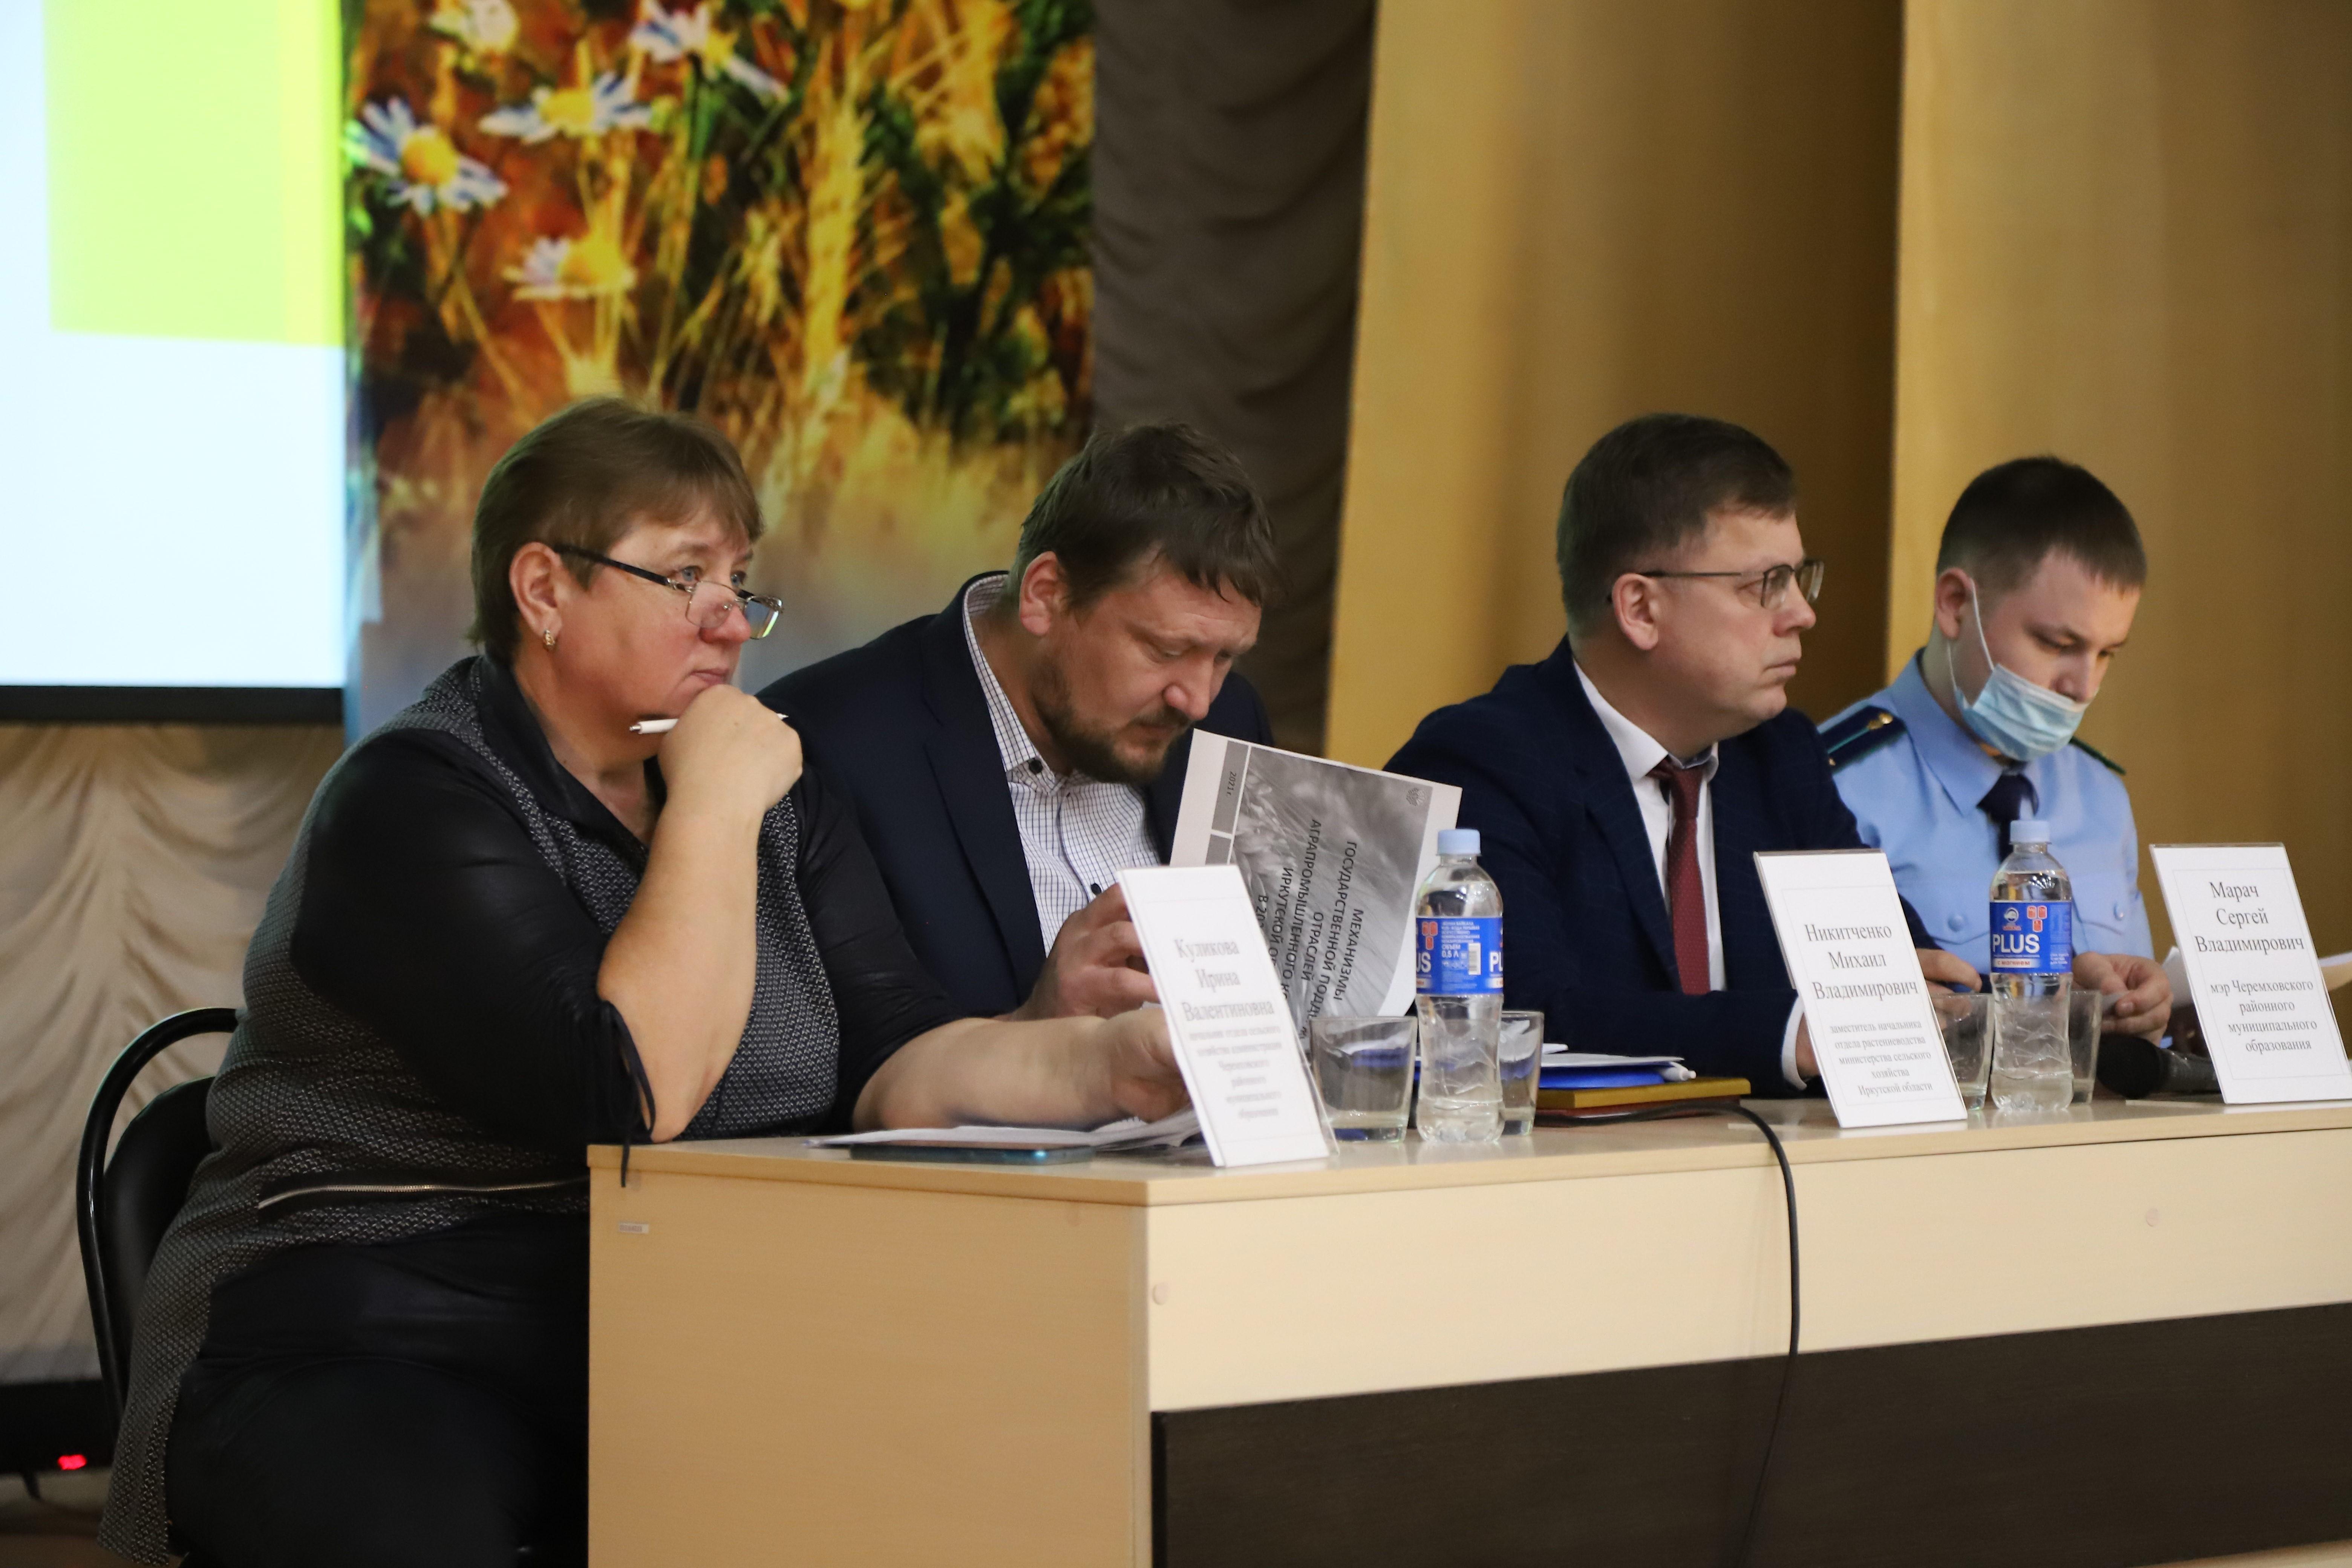 Рабочее совещания сельхозтоваропроизводителей Черемховского района